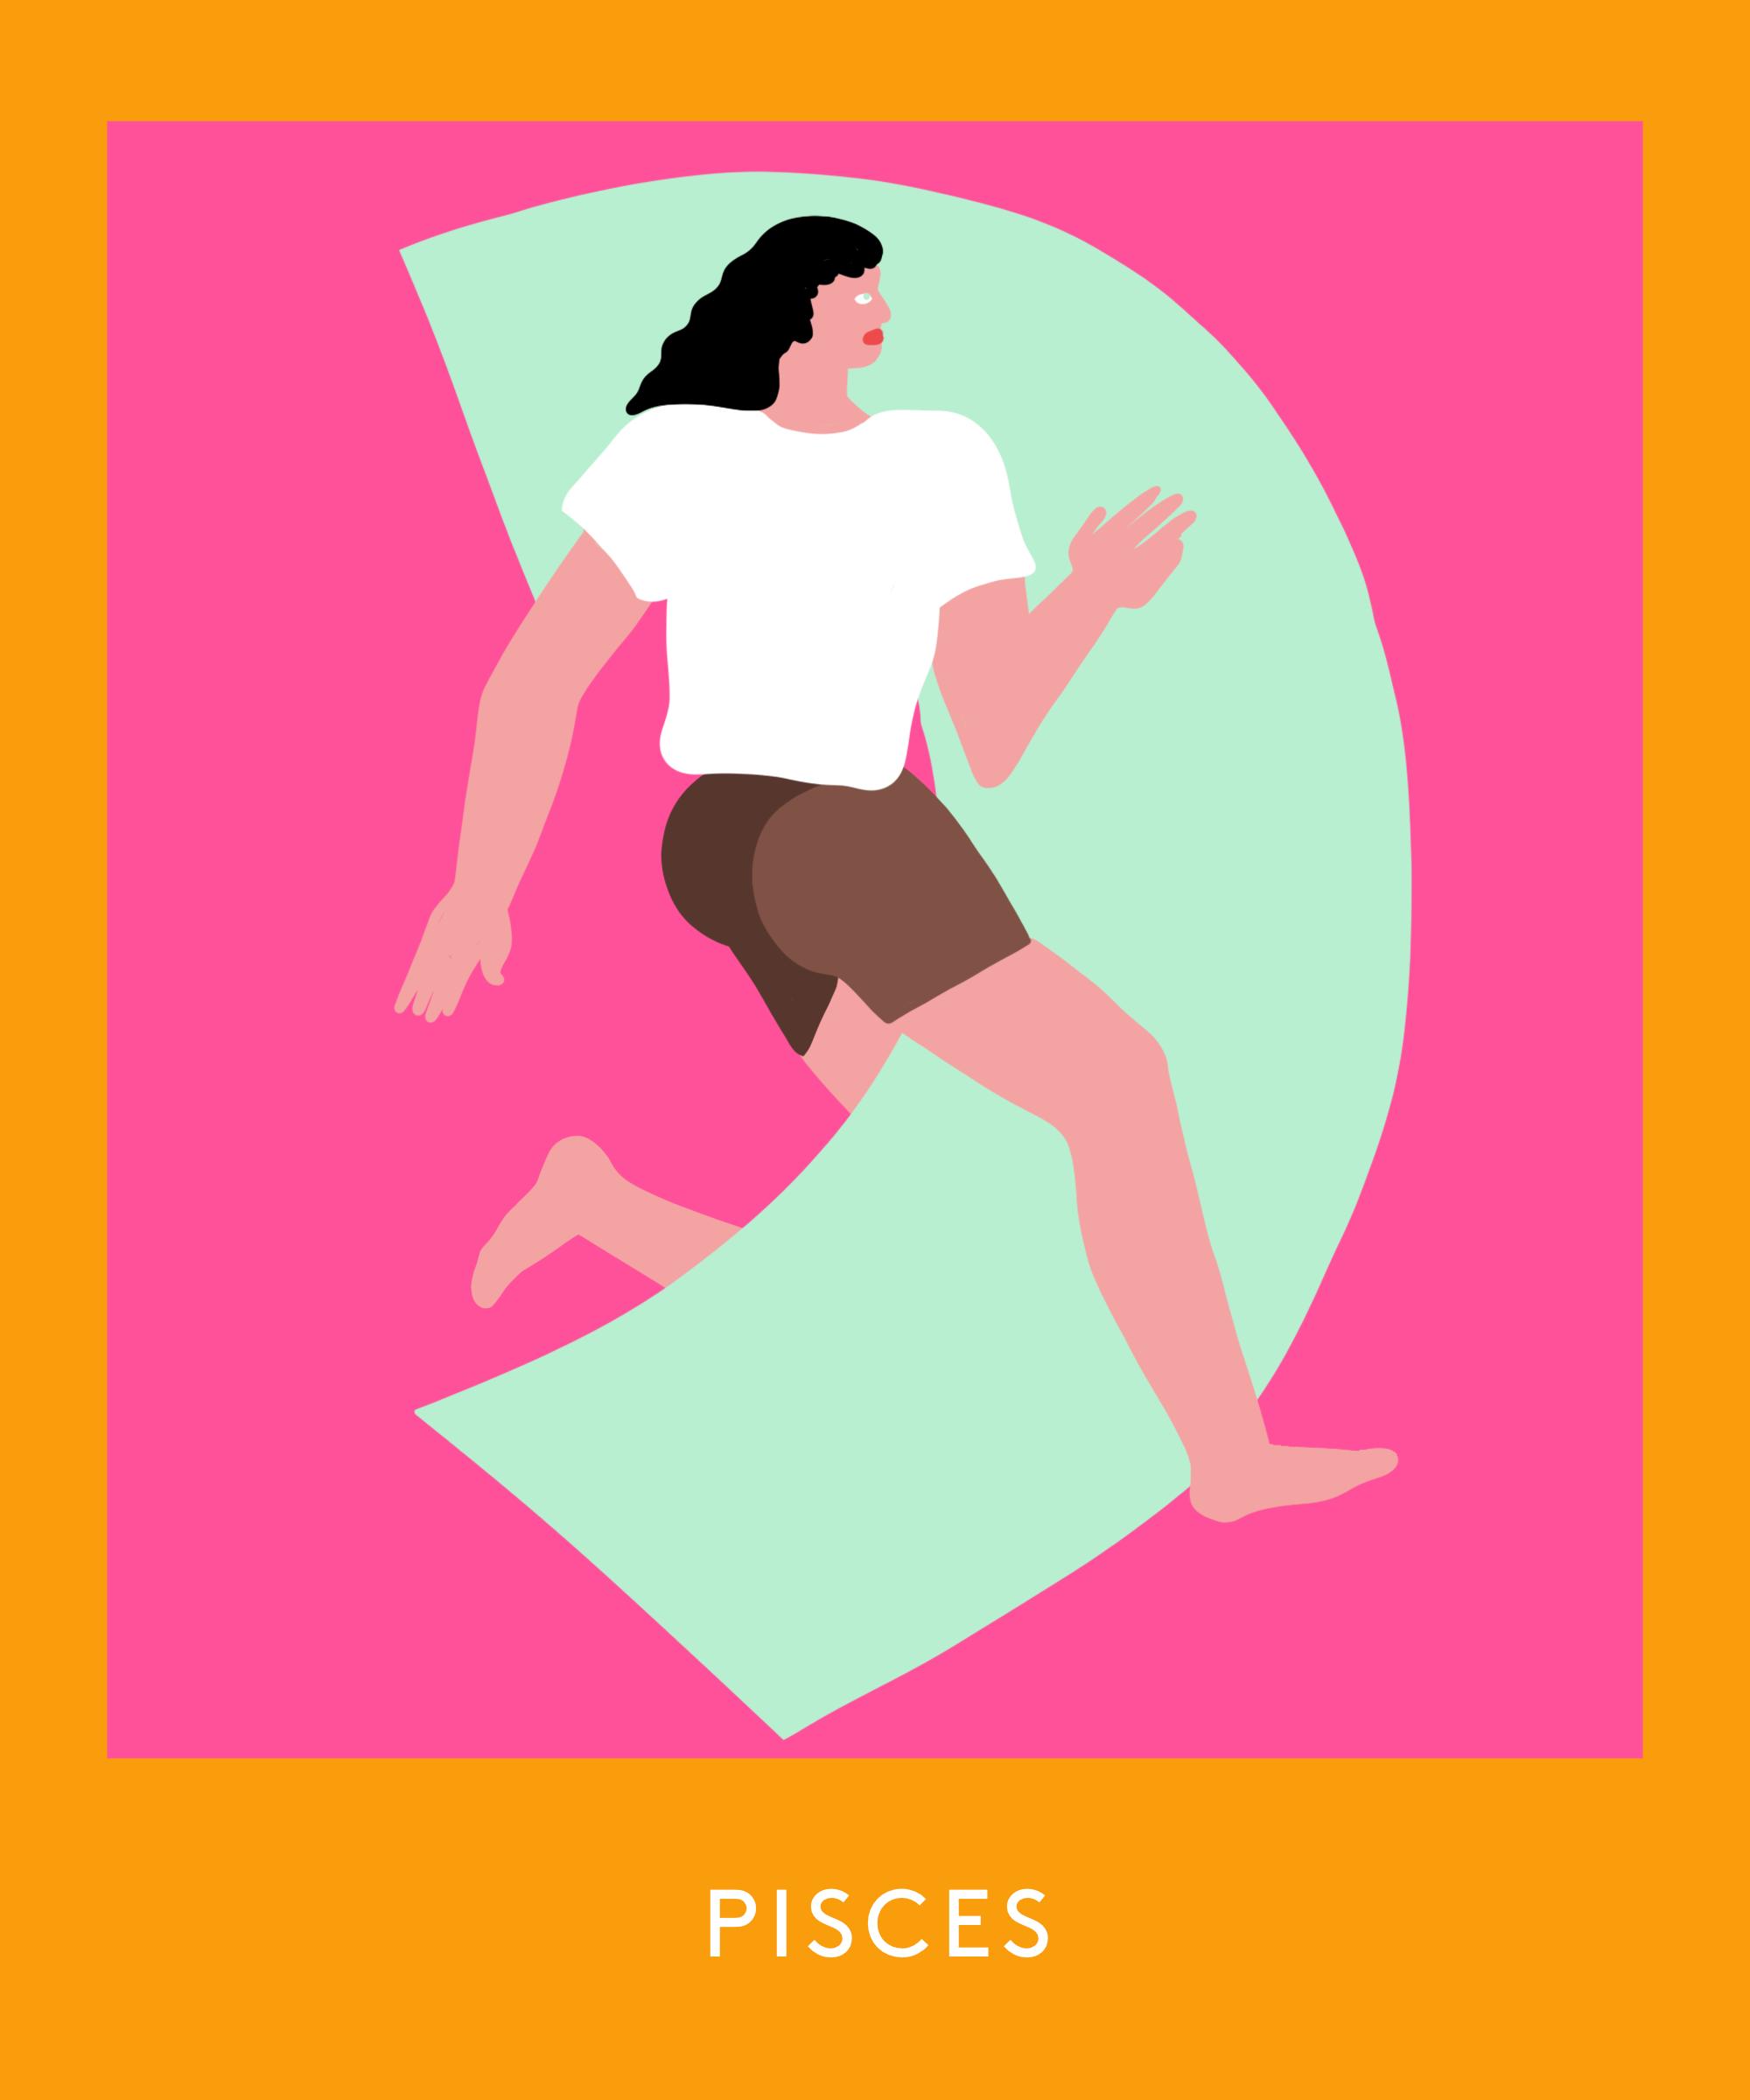 Sleep Style Horoscope Based On Your Zodiac Sign 2019